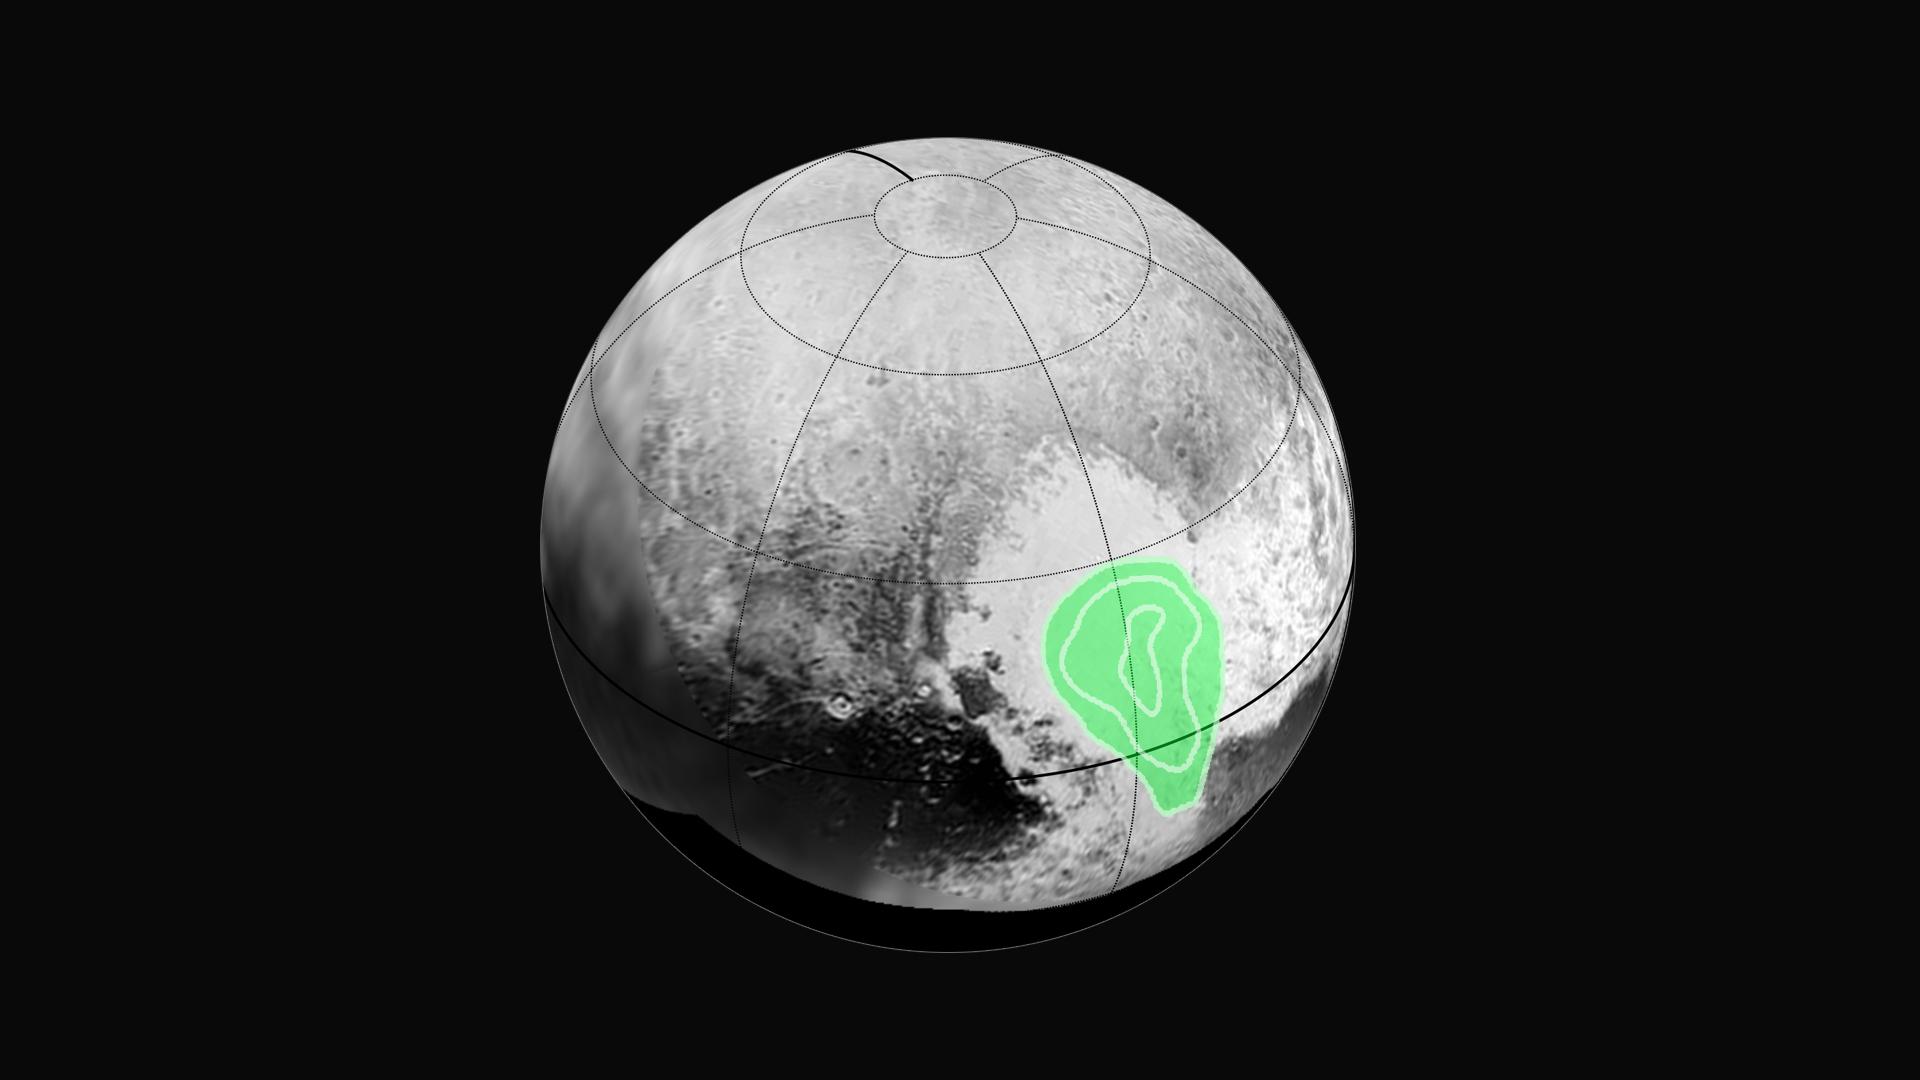 Παγωμένο μονοξείδιο του άνθρακα ανακαλύφθηκε στην «Καρδιά» του Πλούτωνα